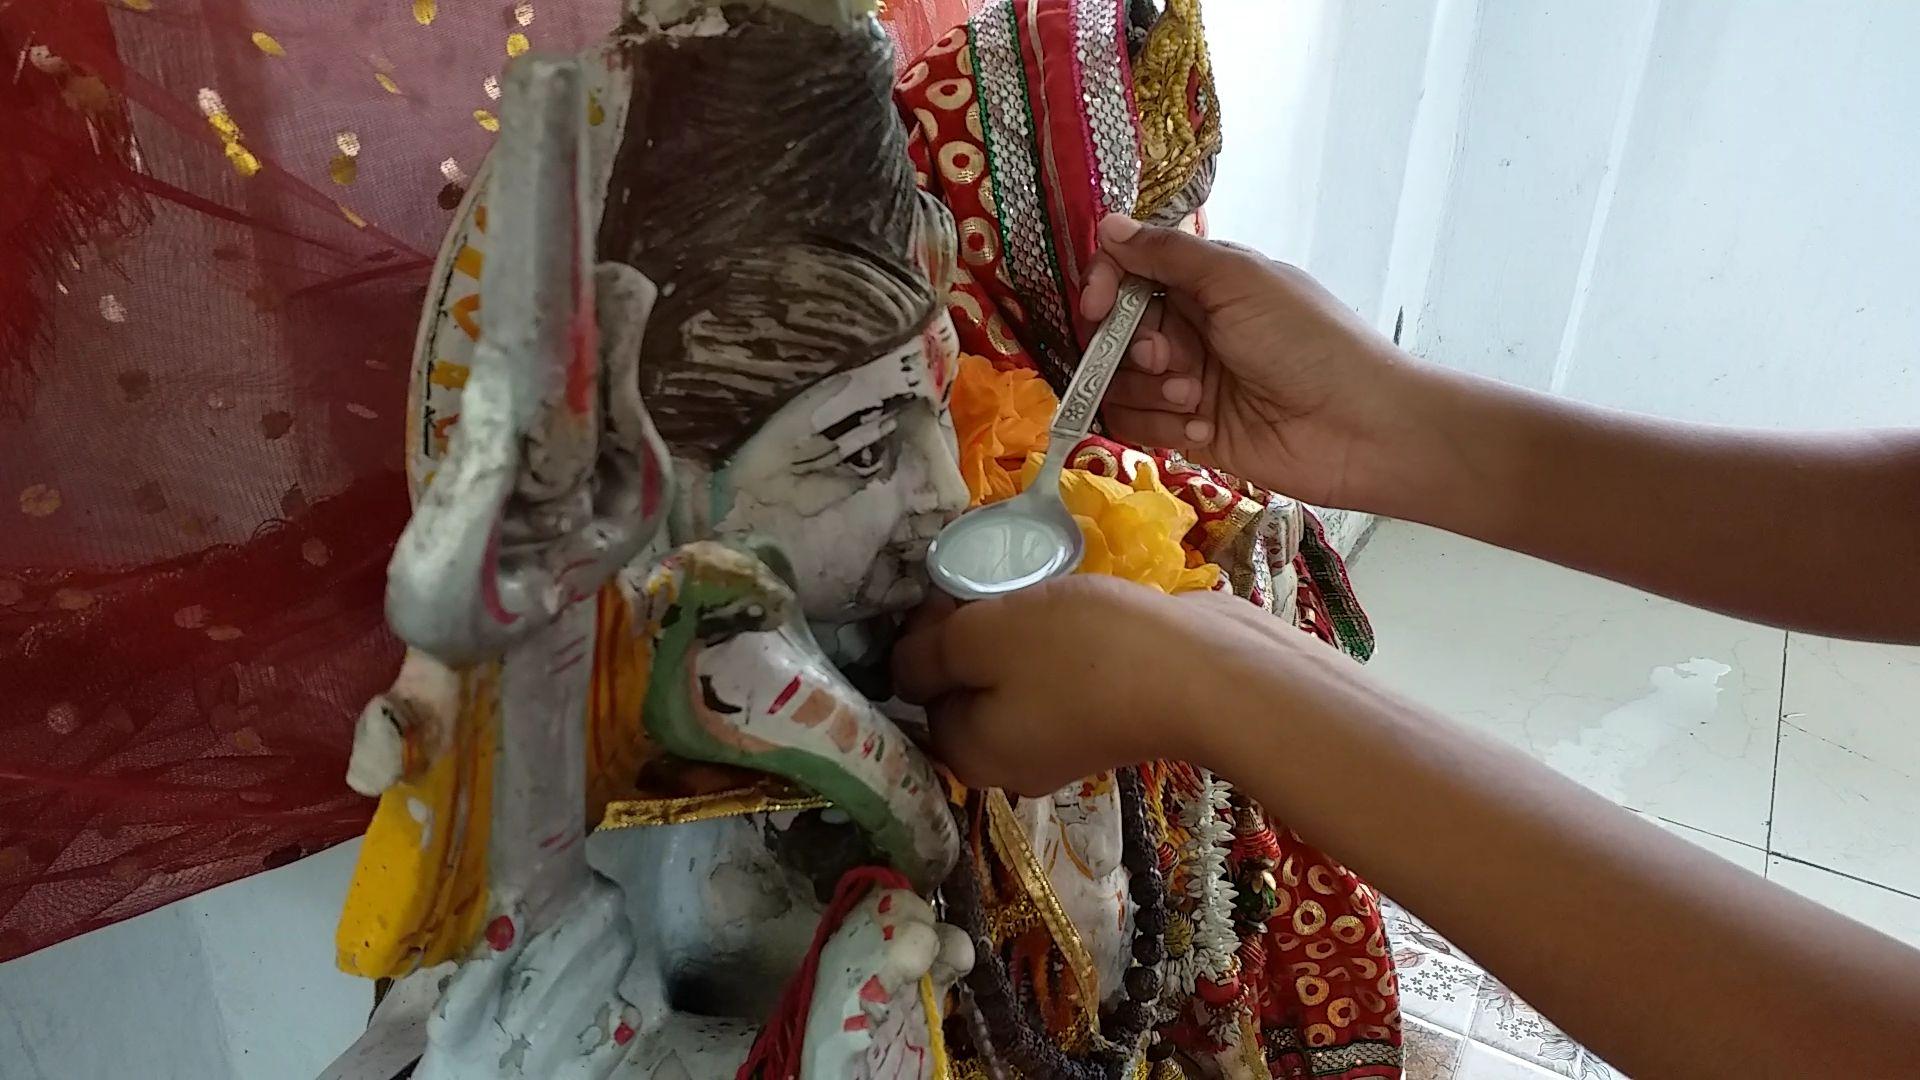 शिवजी के दूध पीने की खबर सुनकर मंदिरों में उमड़ी भीड़, भारी संख्या में दूध पिलाने पहुंचे श्रद्धालु